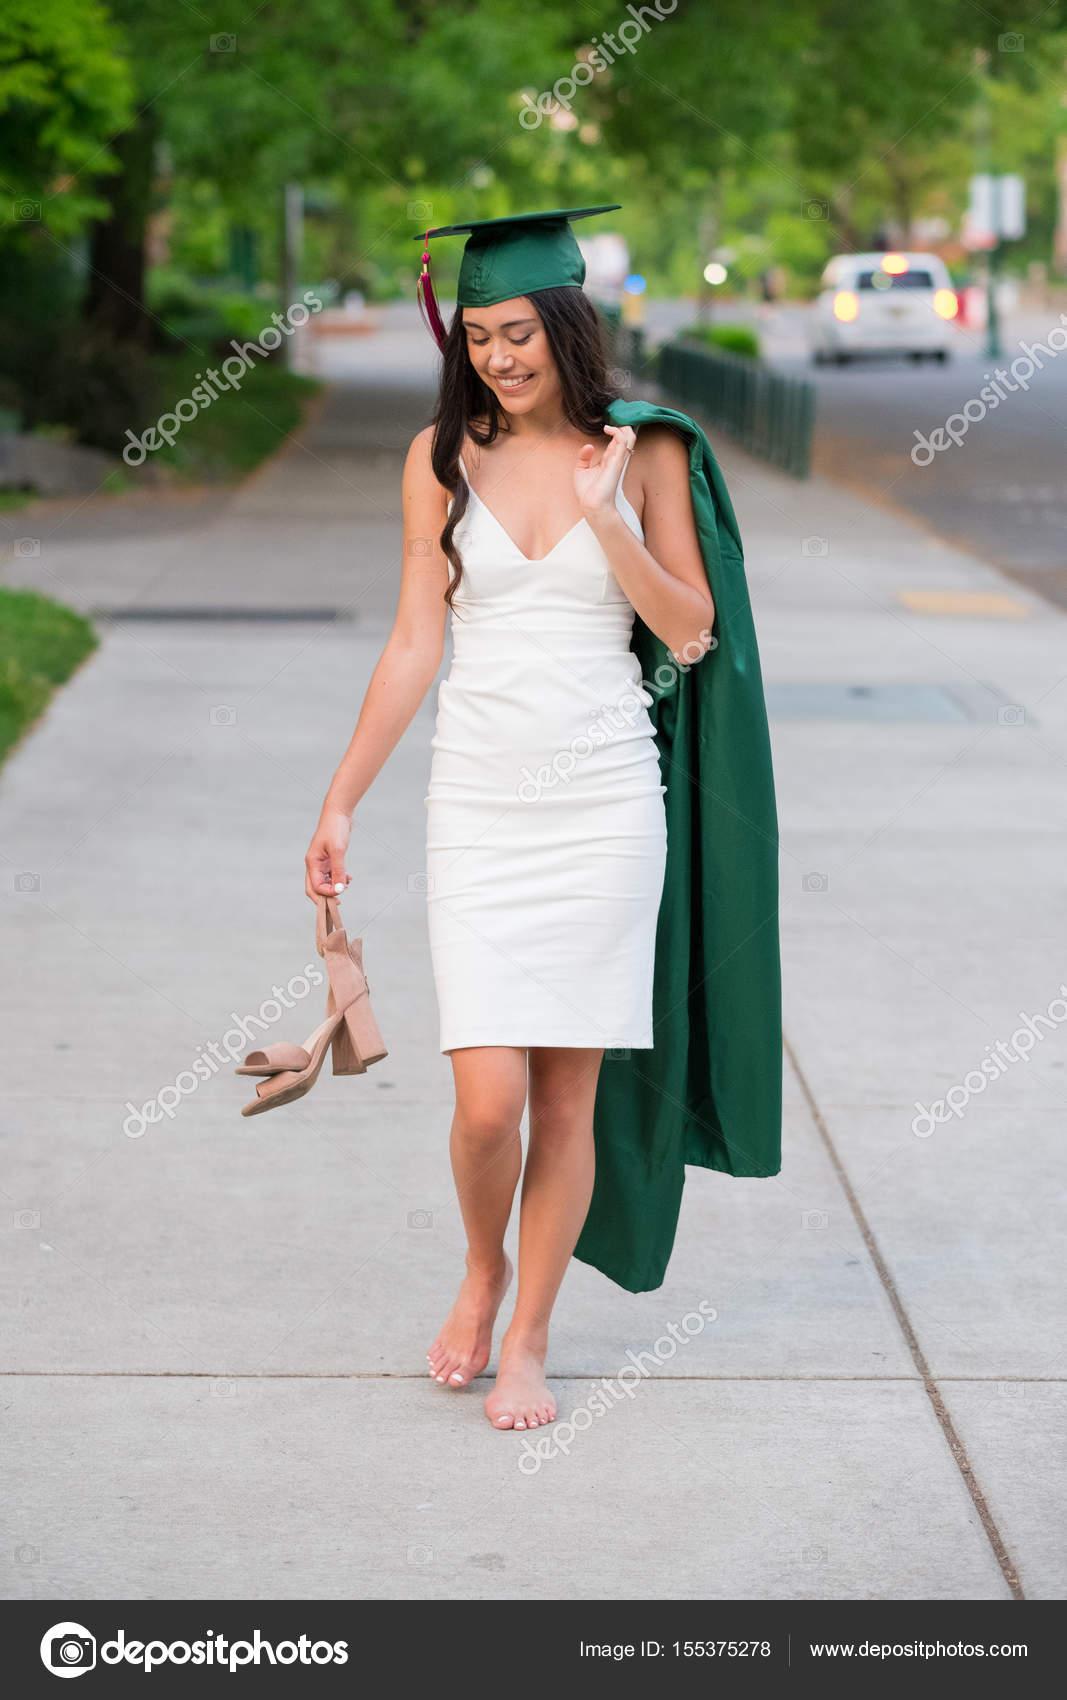 2b0296012 Foto de graduación de Universidad en el Campus de la Universidad — Fotos de  Stock